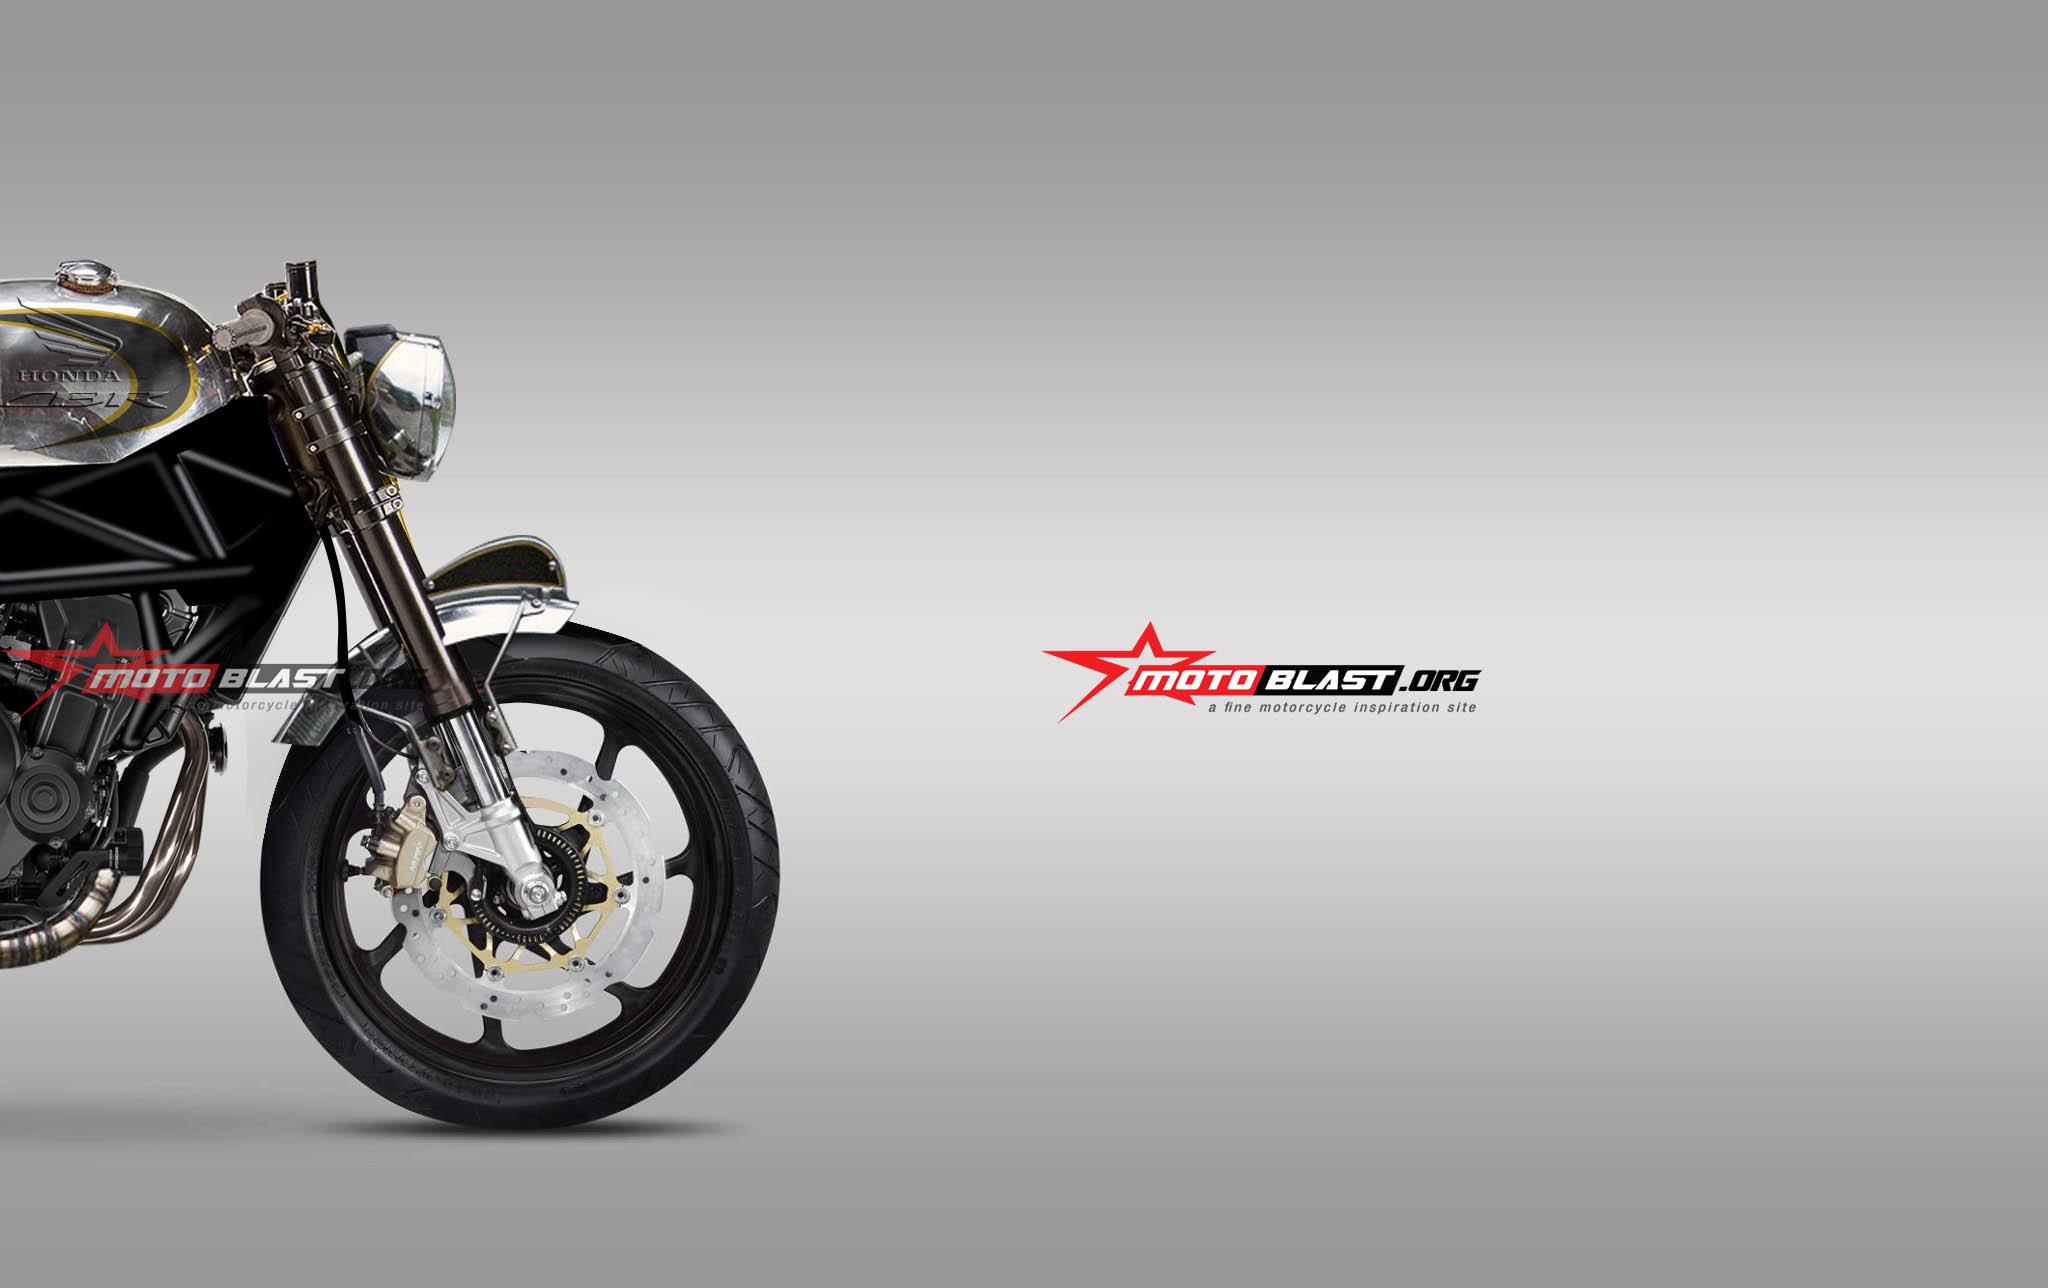 cbr250rr-cafe-racer-2b